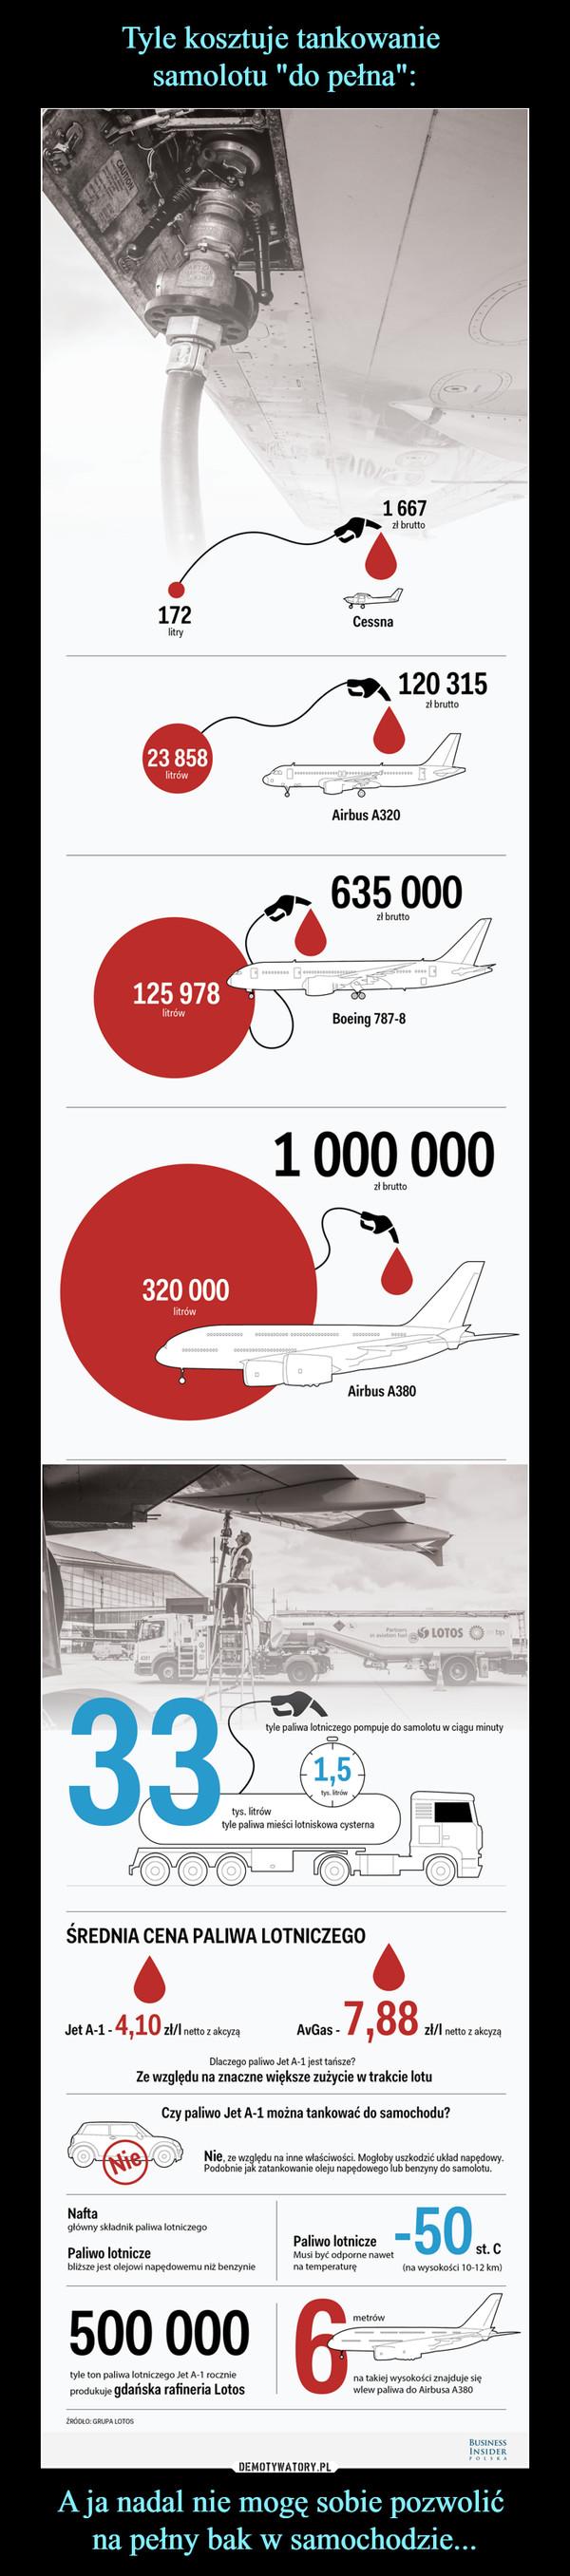 A ja nadal nie mogę sobie pozwolić na pełny bak w samochodzie... –  1667. zł bruttoCessnar* 120 315zł bruttoAirbus A320635 000Boeing 787-8r3 i120 00C litrów) i1000 000zł brutto*WF\tyle paliwa lotniczego pompuje do samolotu w ciągu minutyŚREDNIA CENA PALIWA LOTNICZEGO4Jet A-l-4,10 zł/l netto z akcyząAvGas-47,88Zł/l netto z akcyząDlaczego paliwo Jet A-l jest tańsze?Ze względu na znaczne większe zużycie w trakcie lotuCzy paliwo Jet A-l można tankować do samochodu?Nie. ze względu na inne właściwości. Mogłoby uszkodzić układ napędowy.Podobnie jak zatankowanie oleju napędowego lub benzyny do samolotu.Naftagłówny składnik paliwa lotniczegoPaliwo lotniczebłiZsze jest olejowi napędowemu niż benzynie-50Paliwo lotniczeMusi być odporne nawetna temperaturę(nawysokości10-12km)st.C500 000tyle ton paliwa lotniczego let A-l rocznieprodukuje gdańska rafineria Lotosna takiej wysokości znajduje sięwlew paliwa do Airbusa A580ZRÓOEO. GRUPA LOTOSbusinessINSIDER» O I t C A